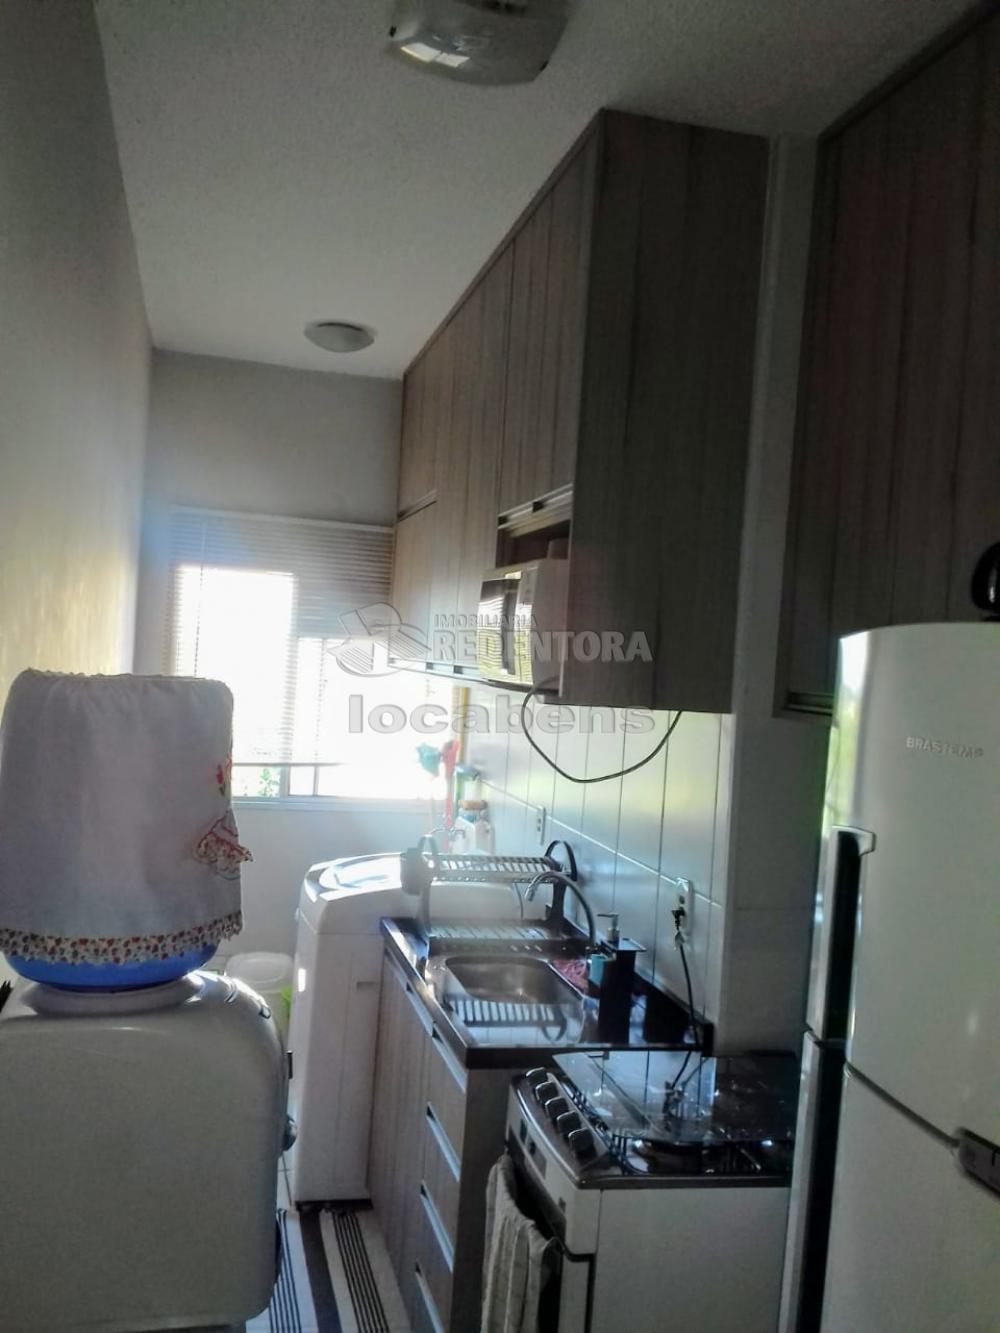 Comprar Apartamento / Padrão em São José do Rio Preto R$ 185.000,00 - Foto 6